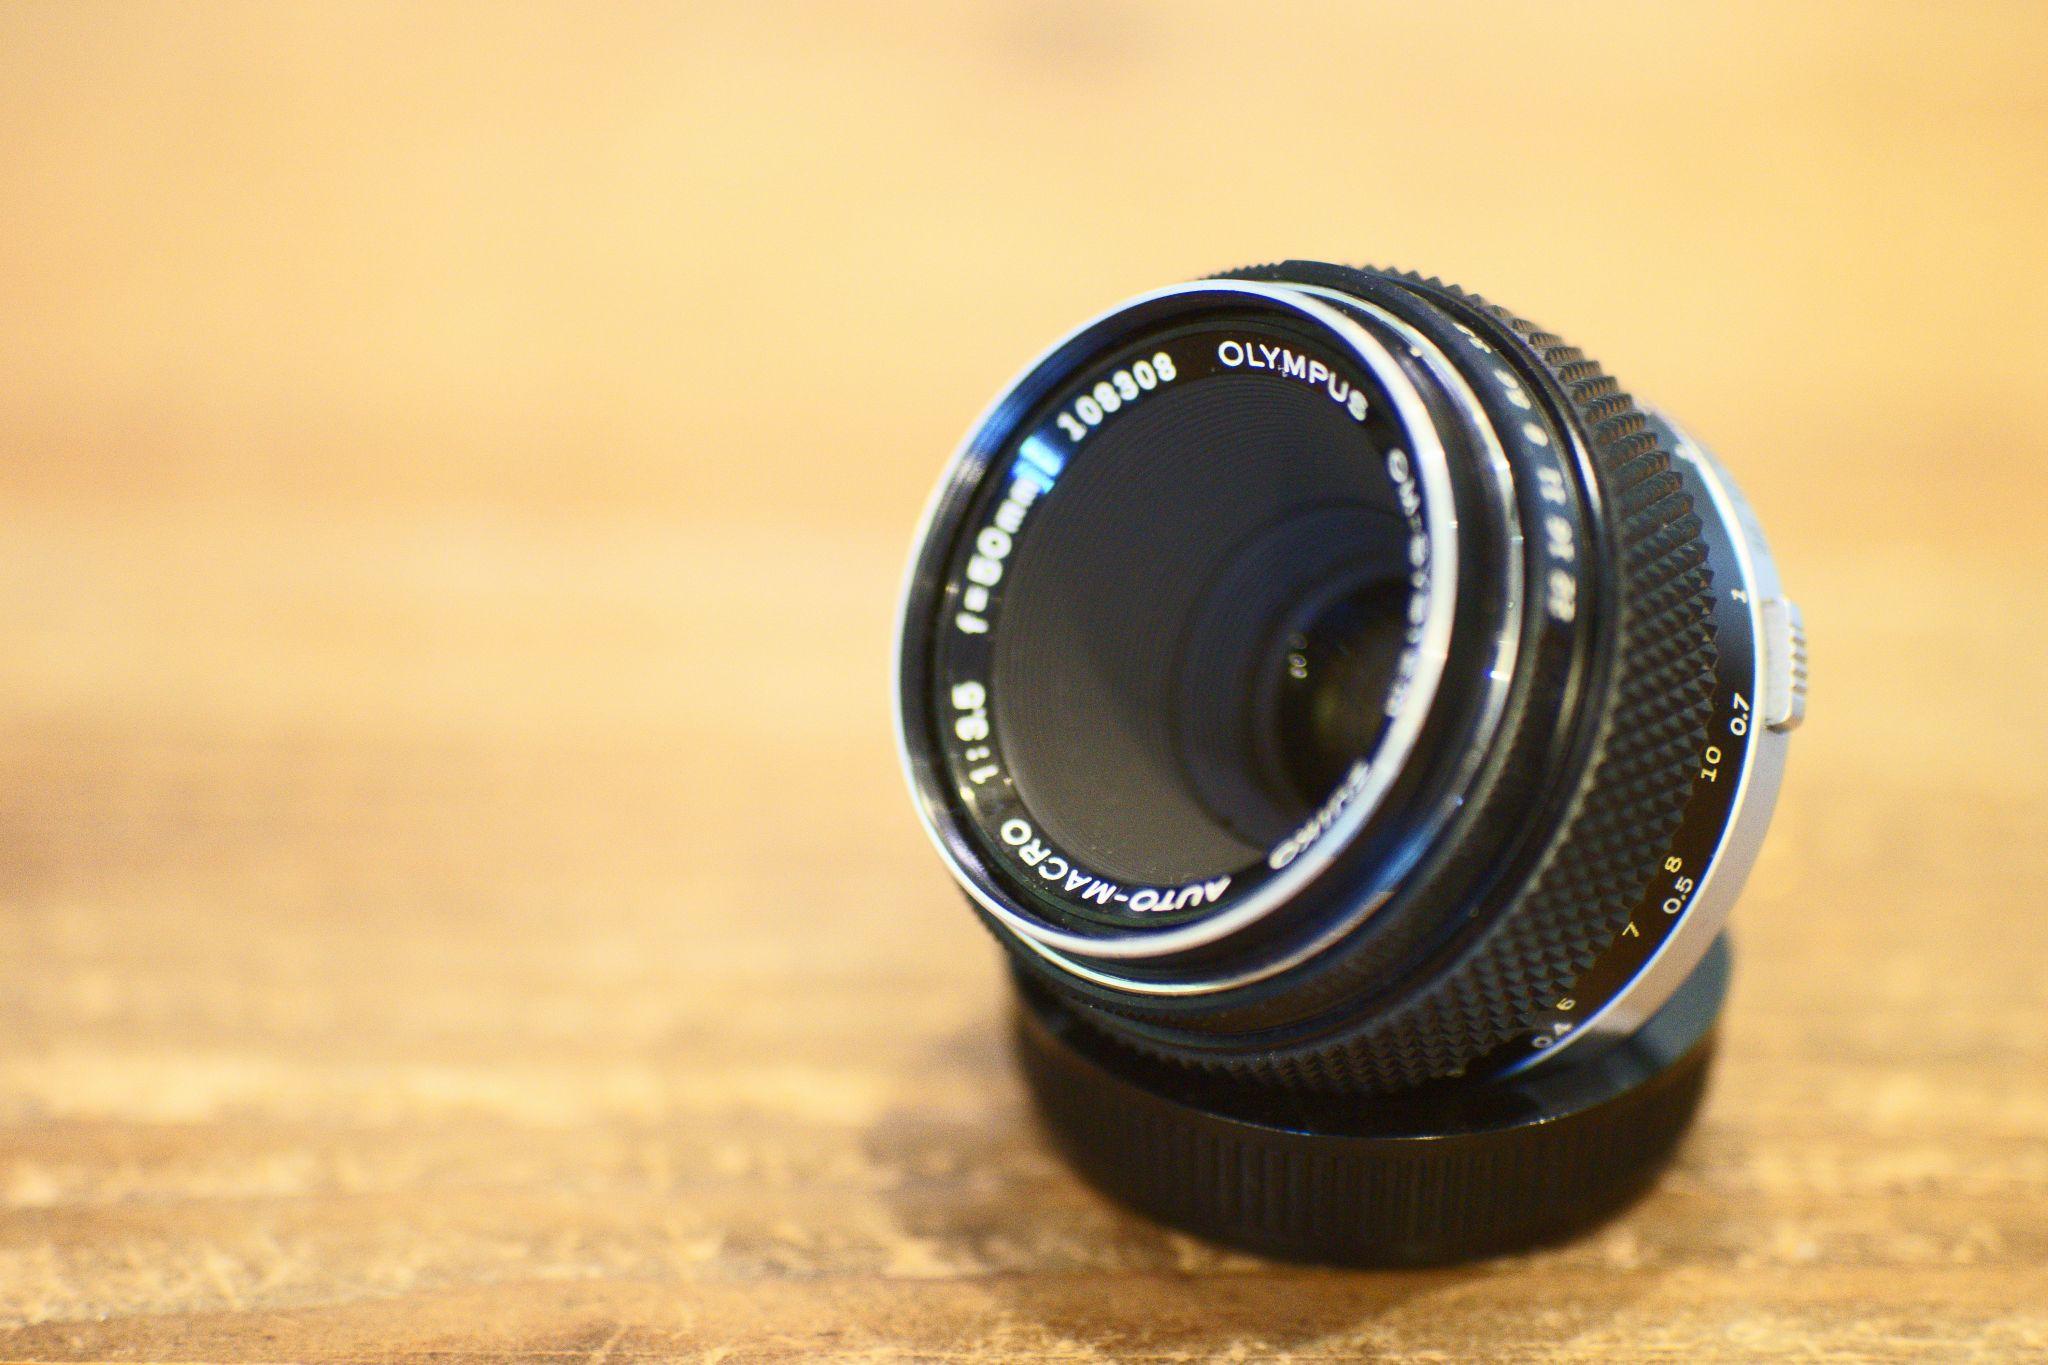 Zuiko 50mm F3.5 Macro